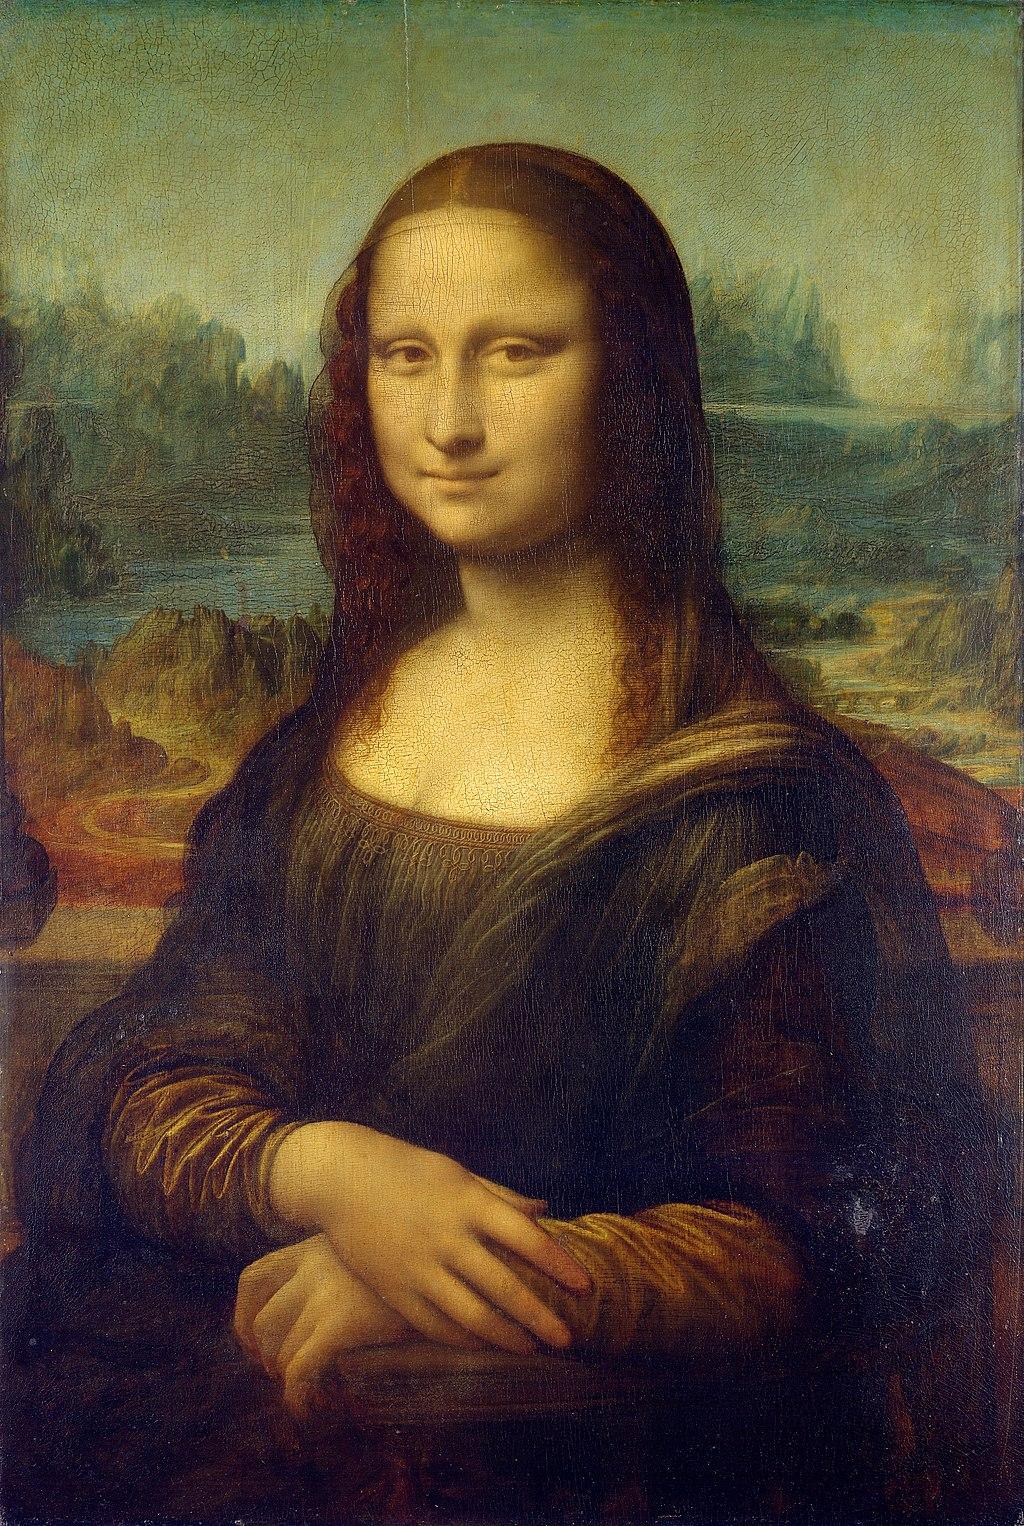 1. Gioconda – Leonardo da Vinci (c. 1503-04) - Louvre, Parigi